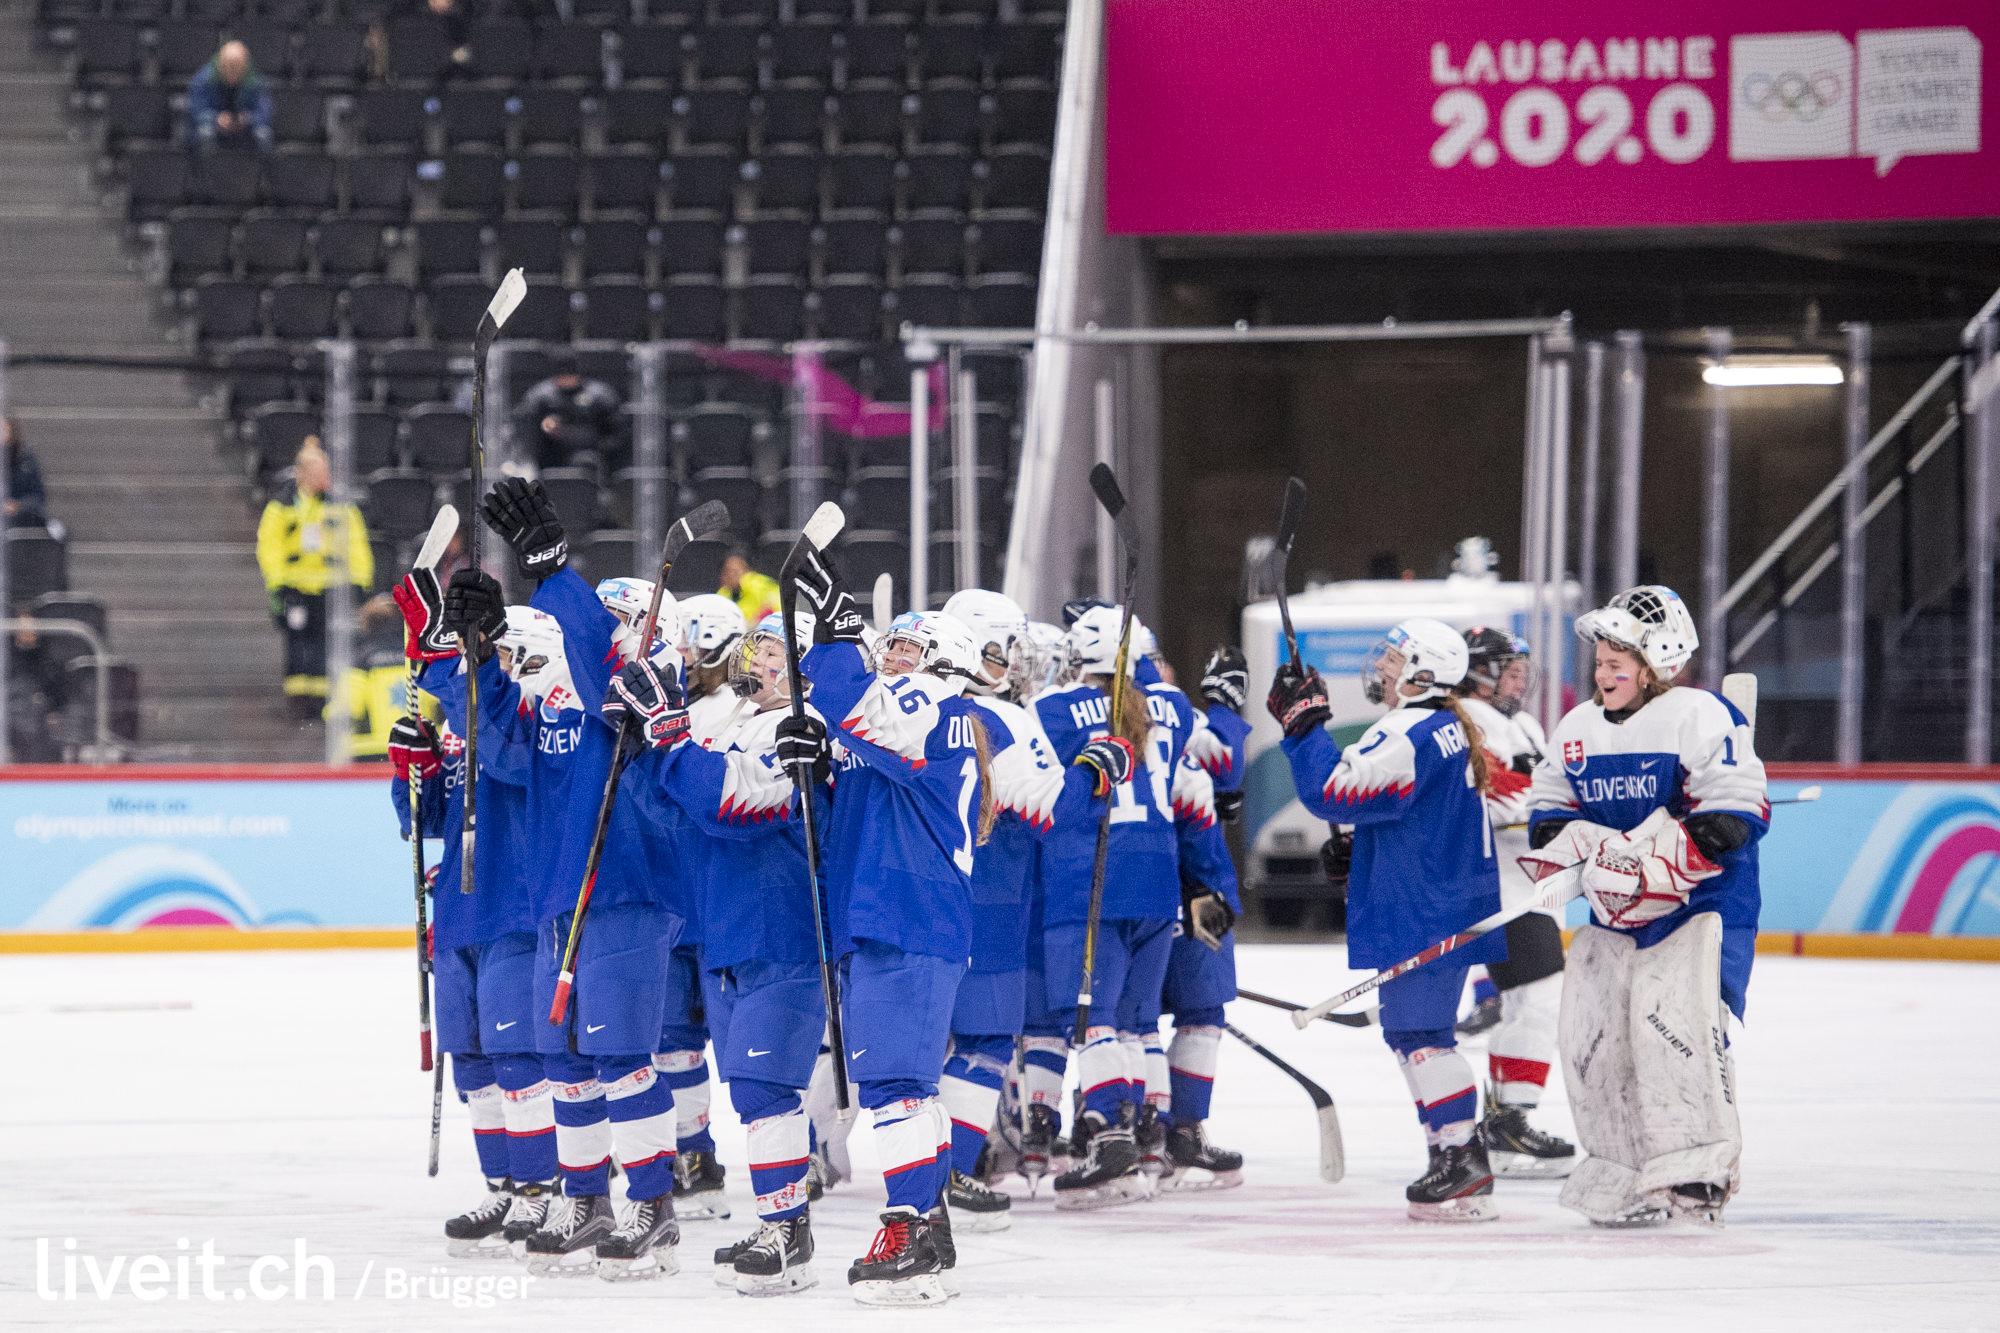 SWITZERLAND LAUSANNE YOG LAUSANNE2020 WOMEN ICE HOCKEY SWITZERLAND SLOVAKIA